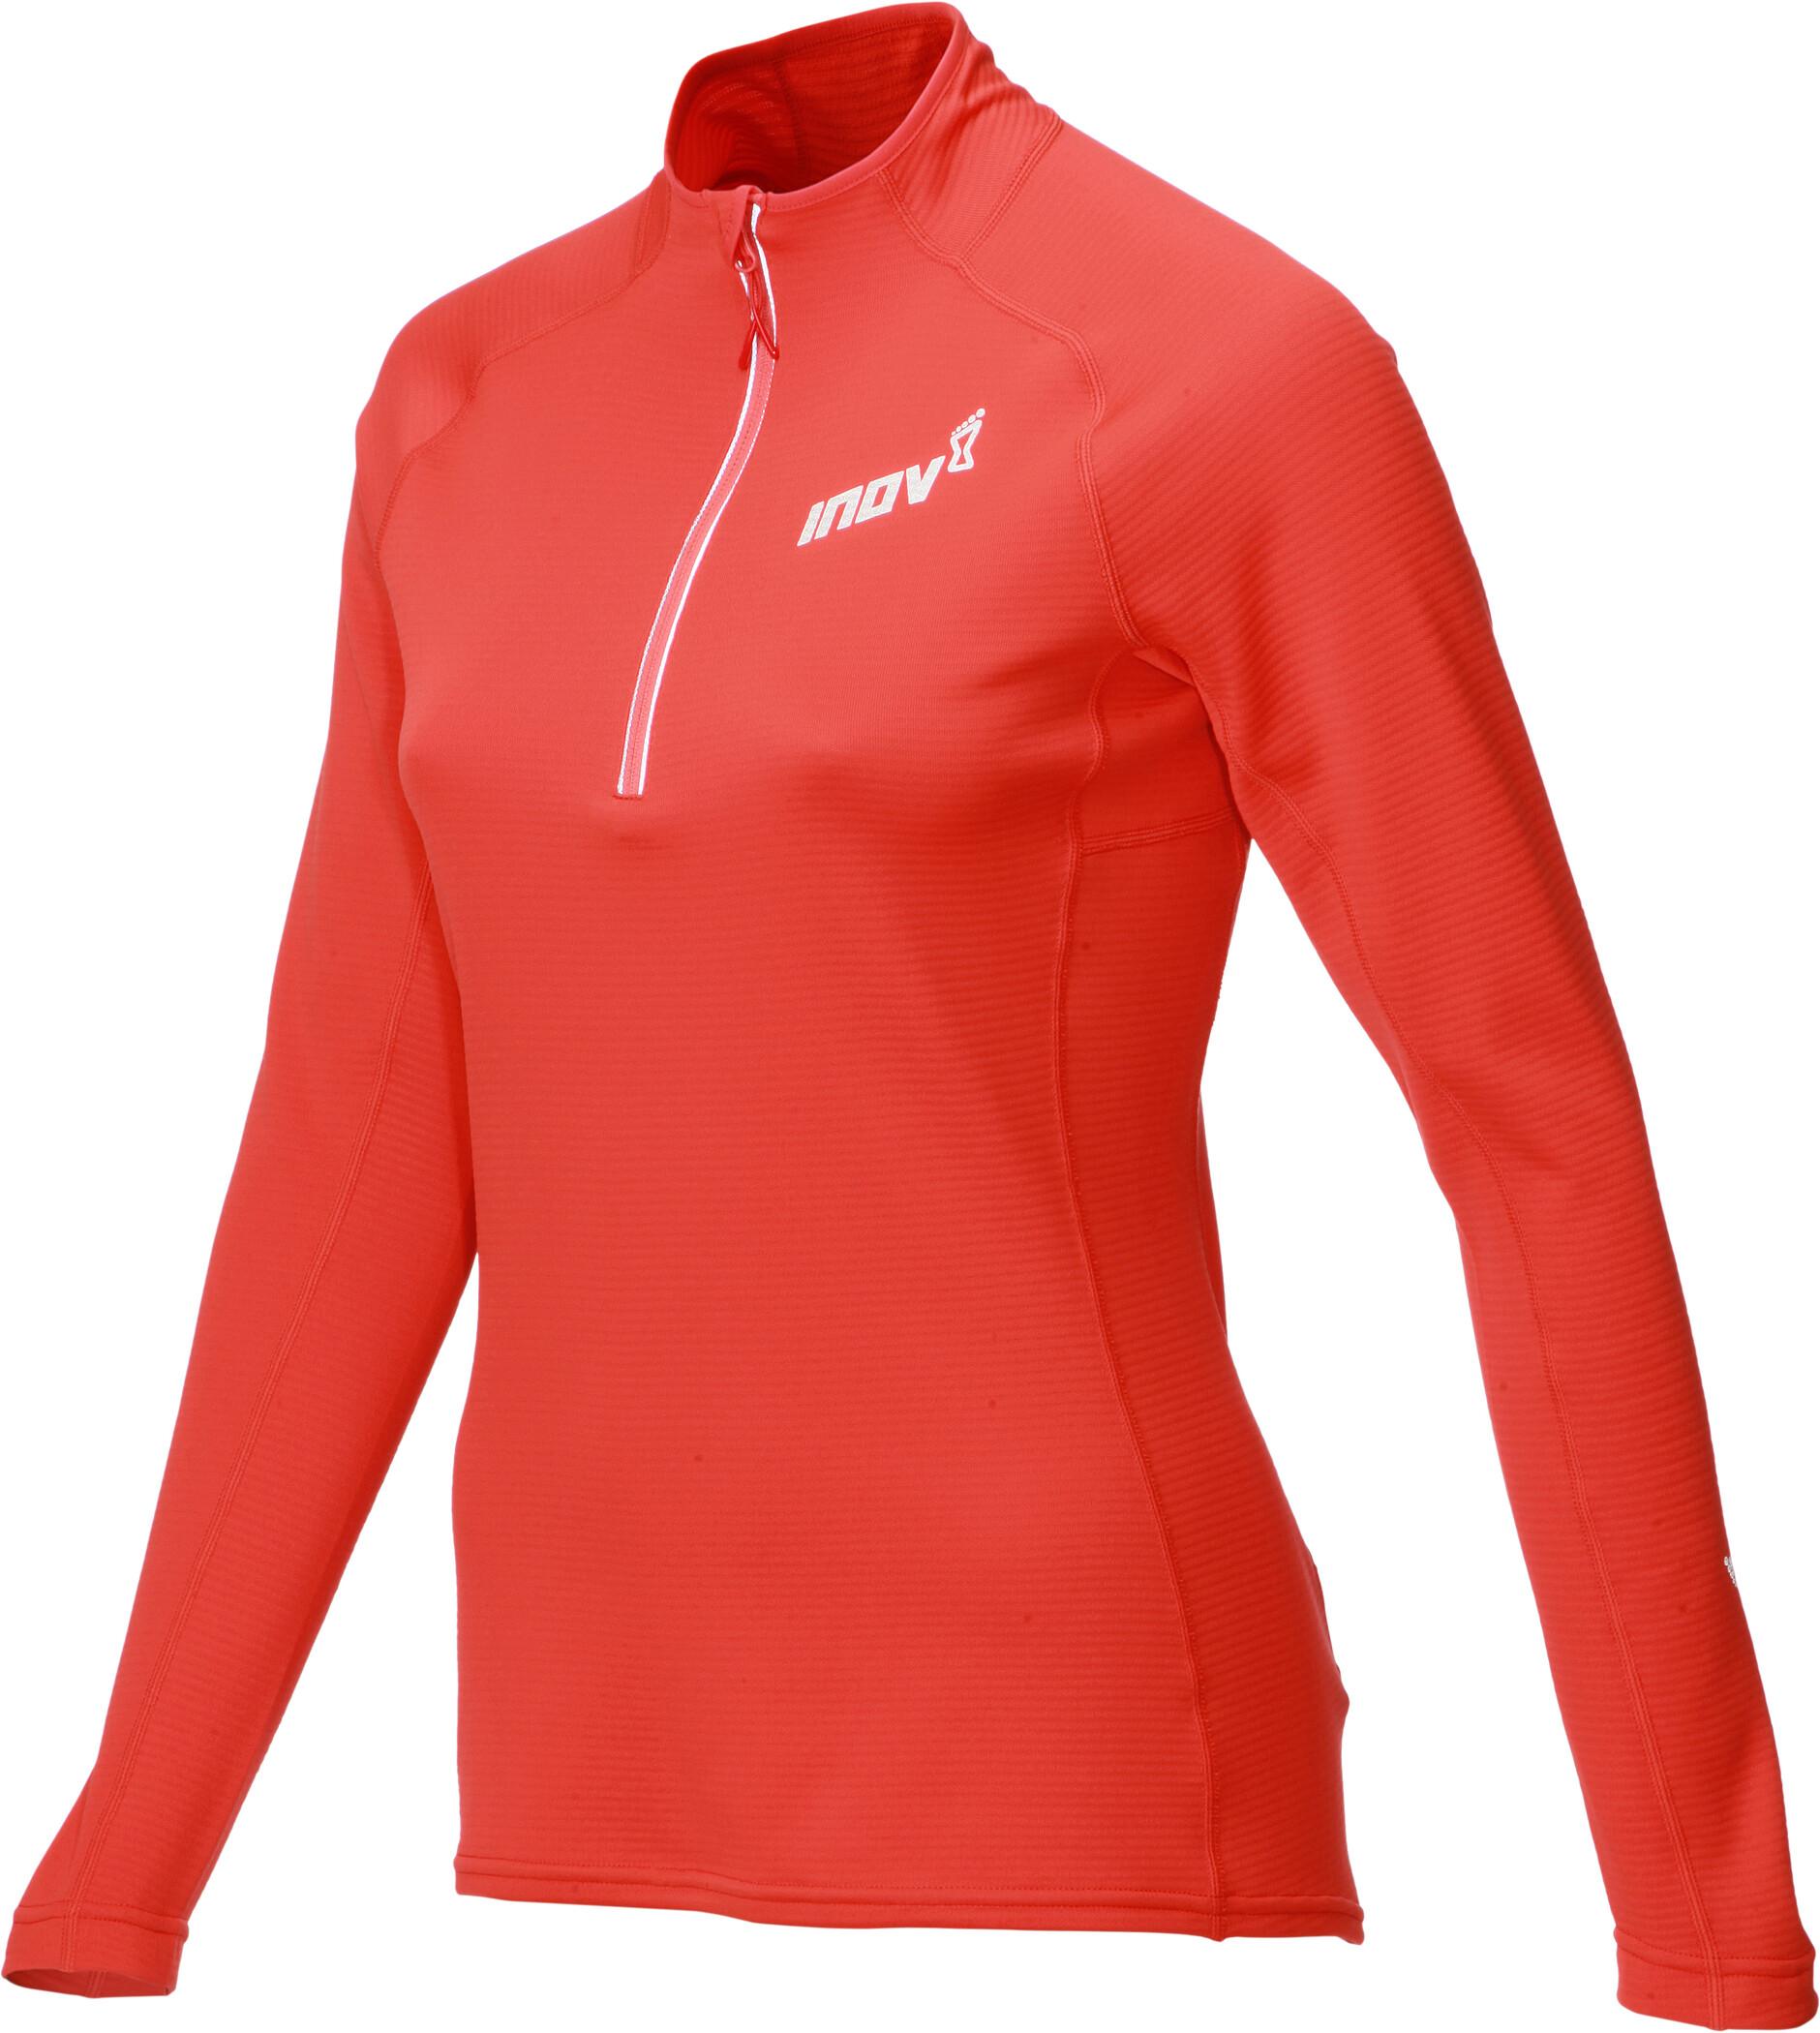 inov-8 Technical Mid HZ Shirt Damer, red (2019)   Jerseys